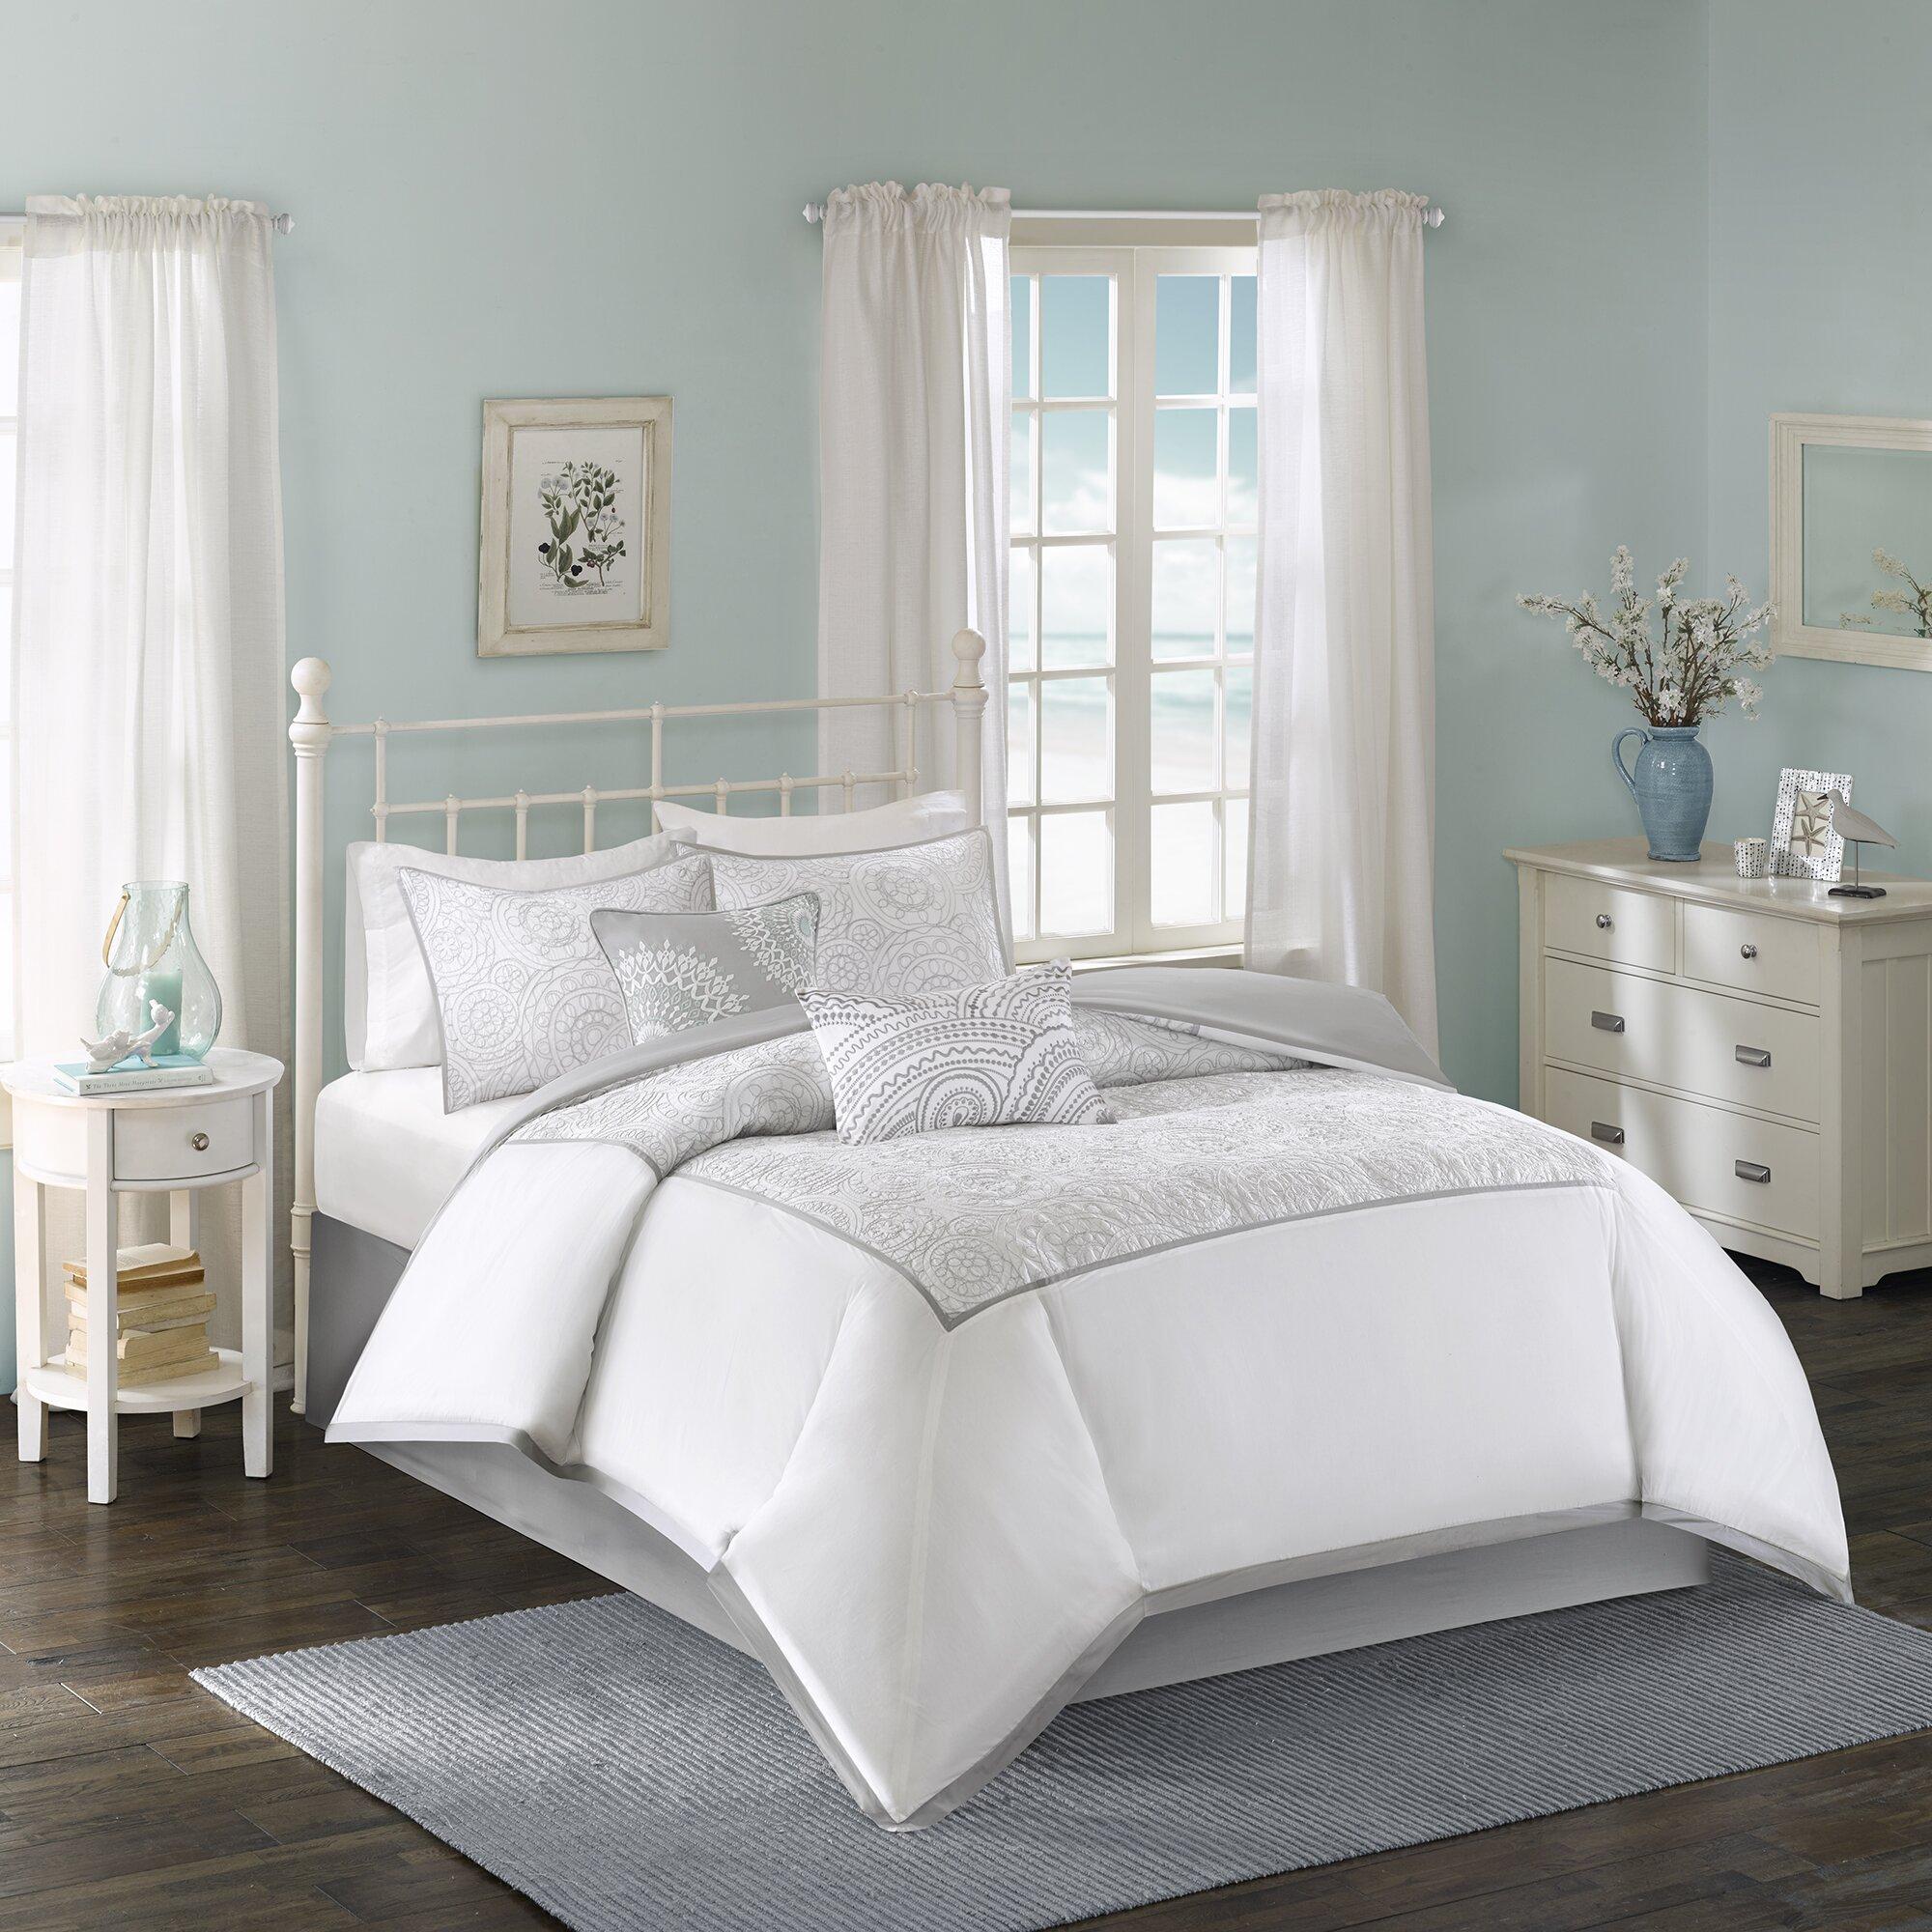 Harbor House Cranston 6 Piece Comforter Set Reviews